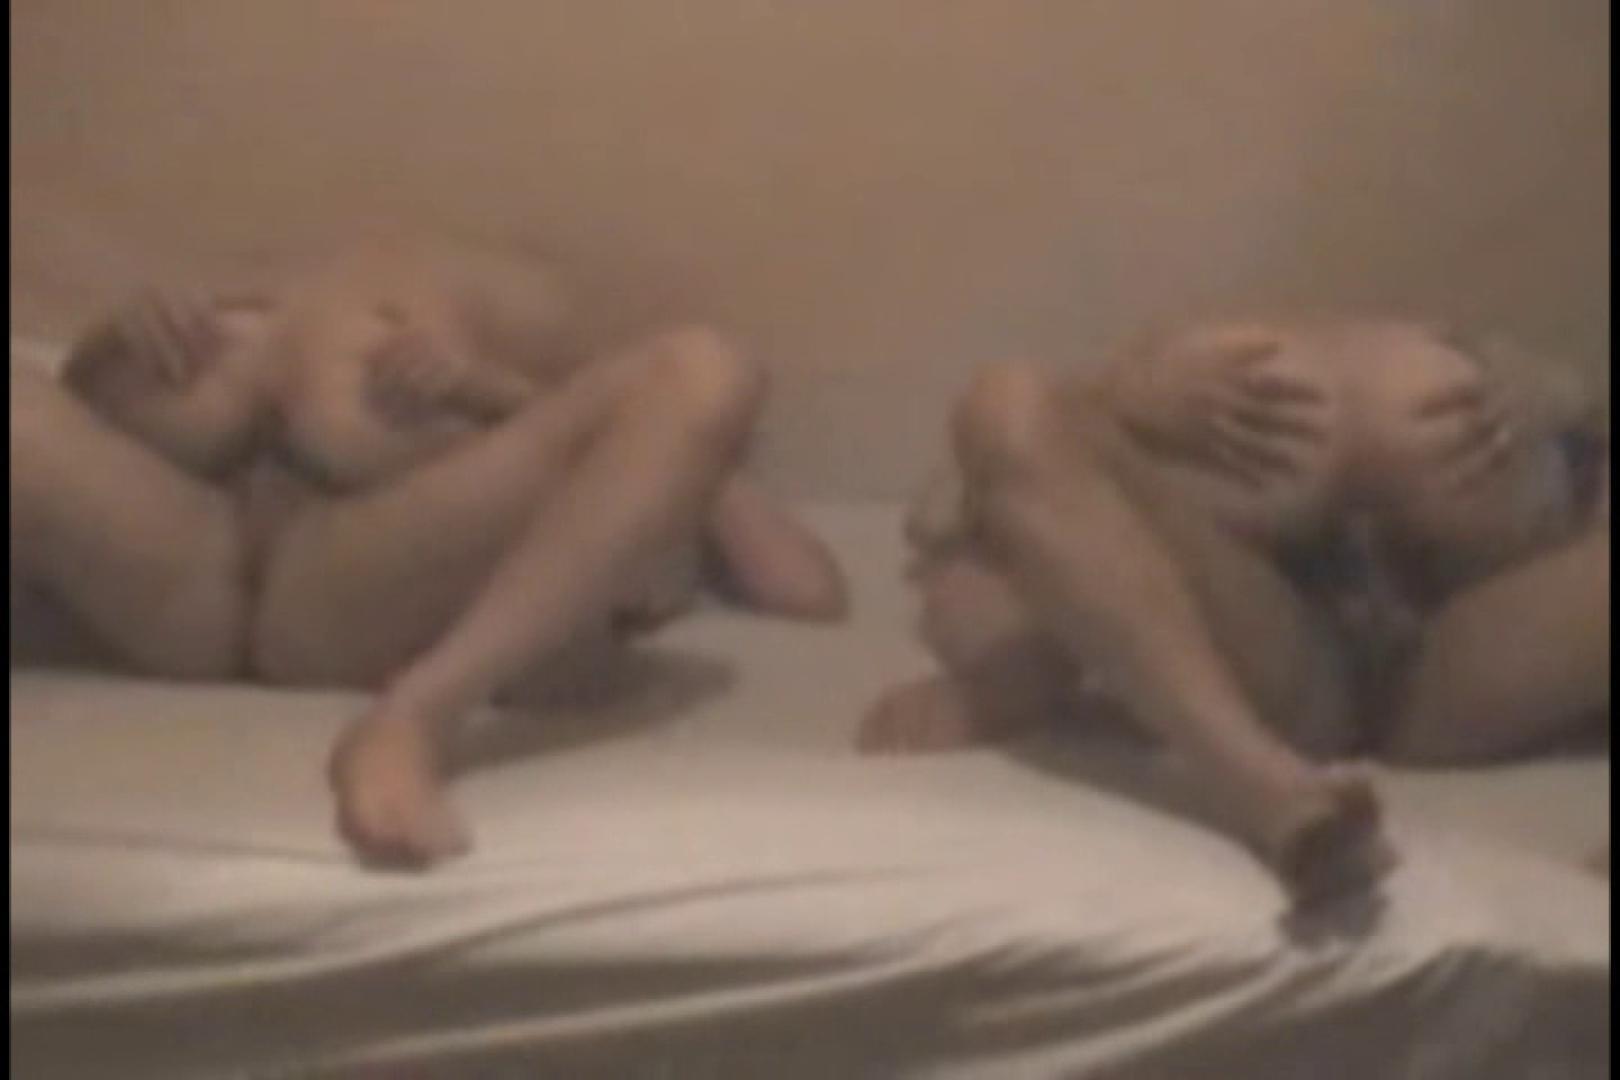 コリアン素人流出シリーズ 素人セフレ仲間でセックスパーティー セックス映像 ヌード画像 94pic 84